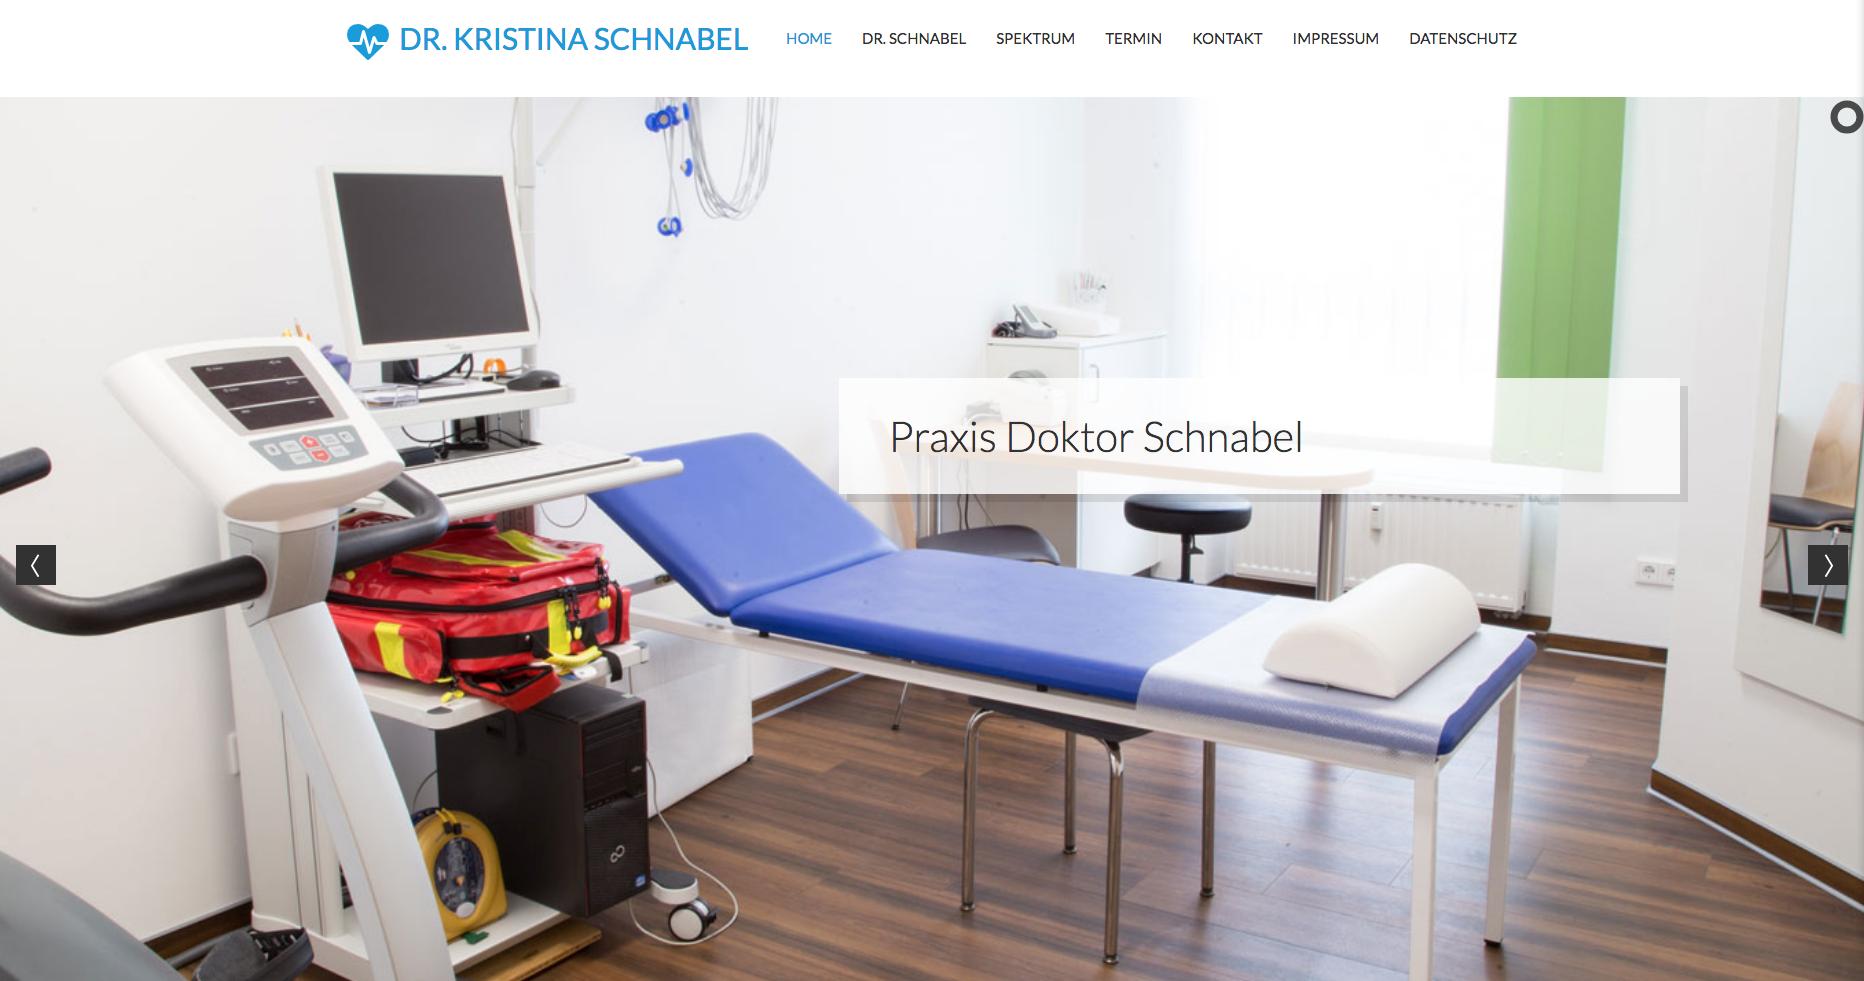 Site prezentare si programari pentru medici Germania